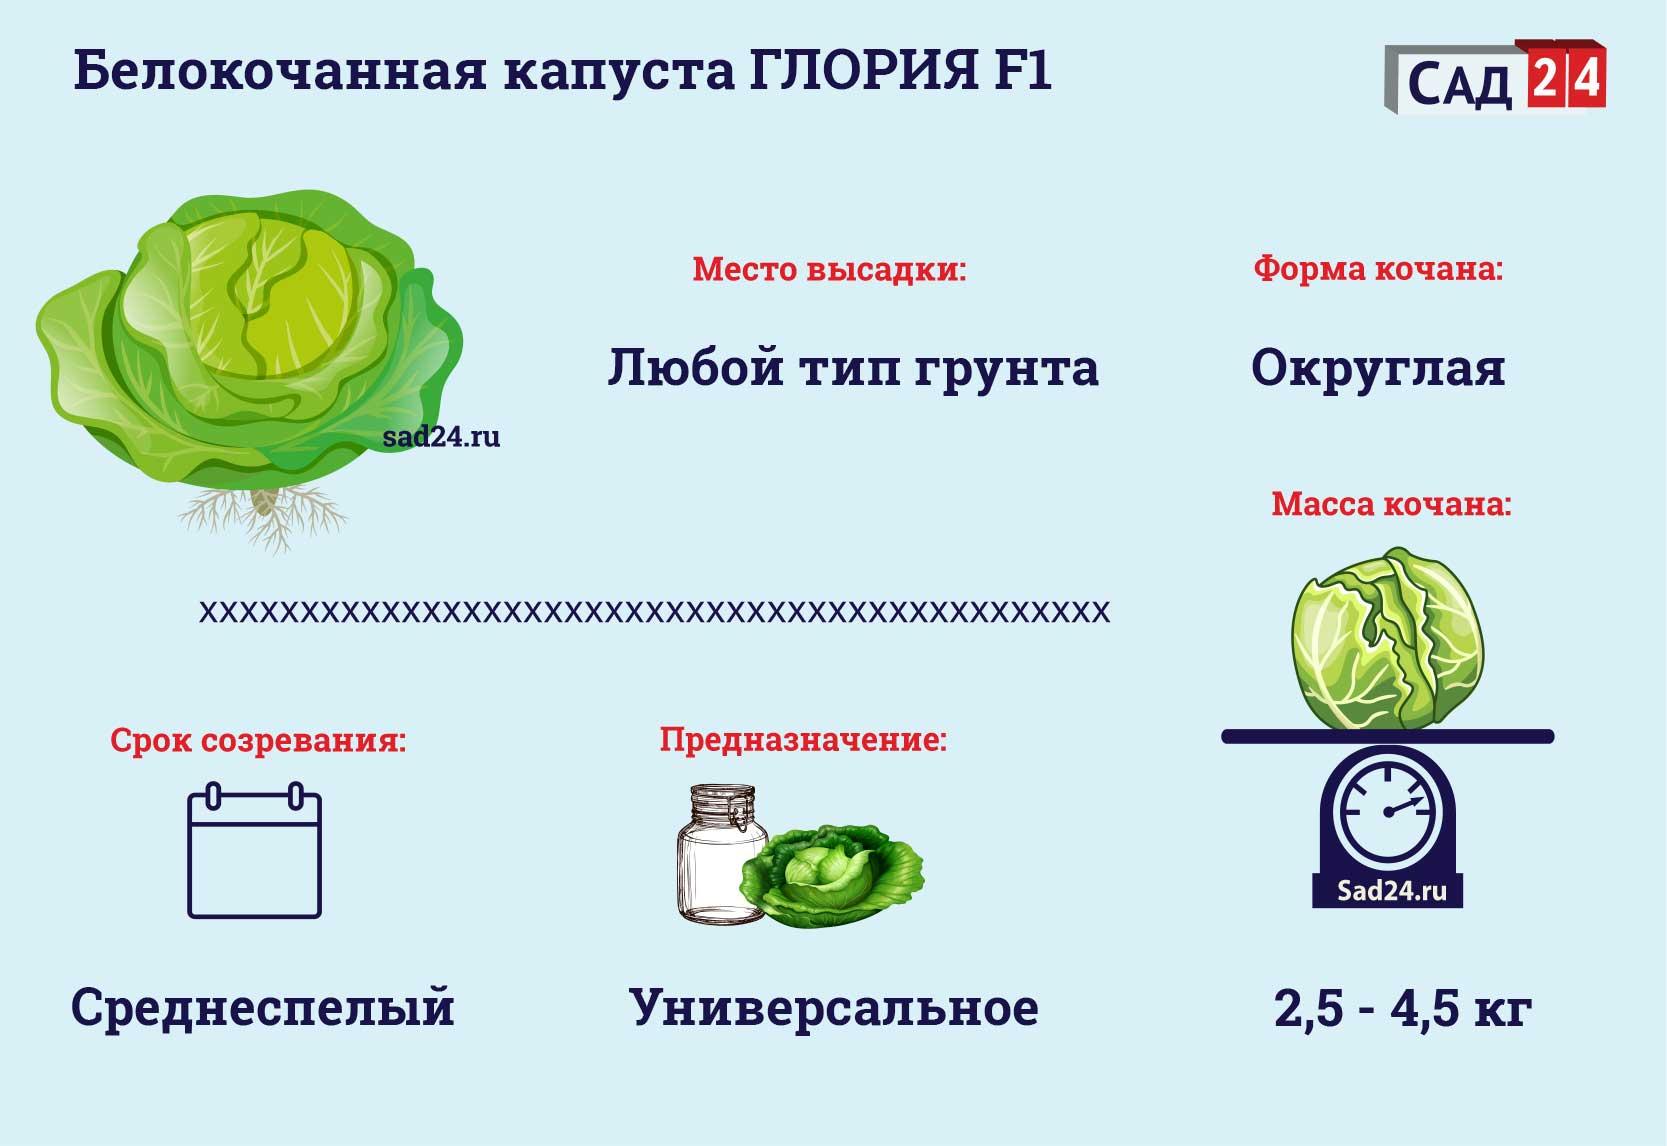 Глория F1 - https://sad24.ru